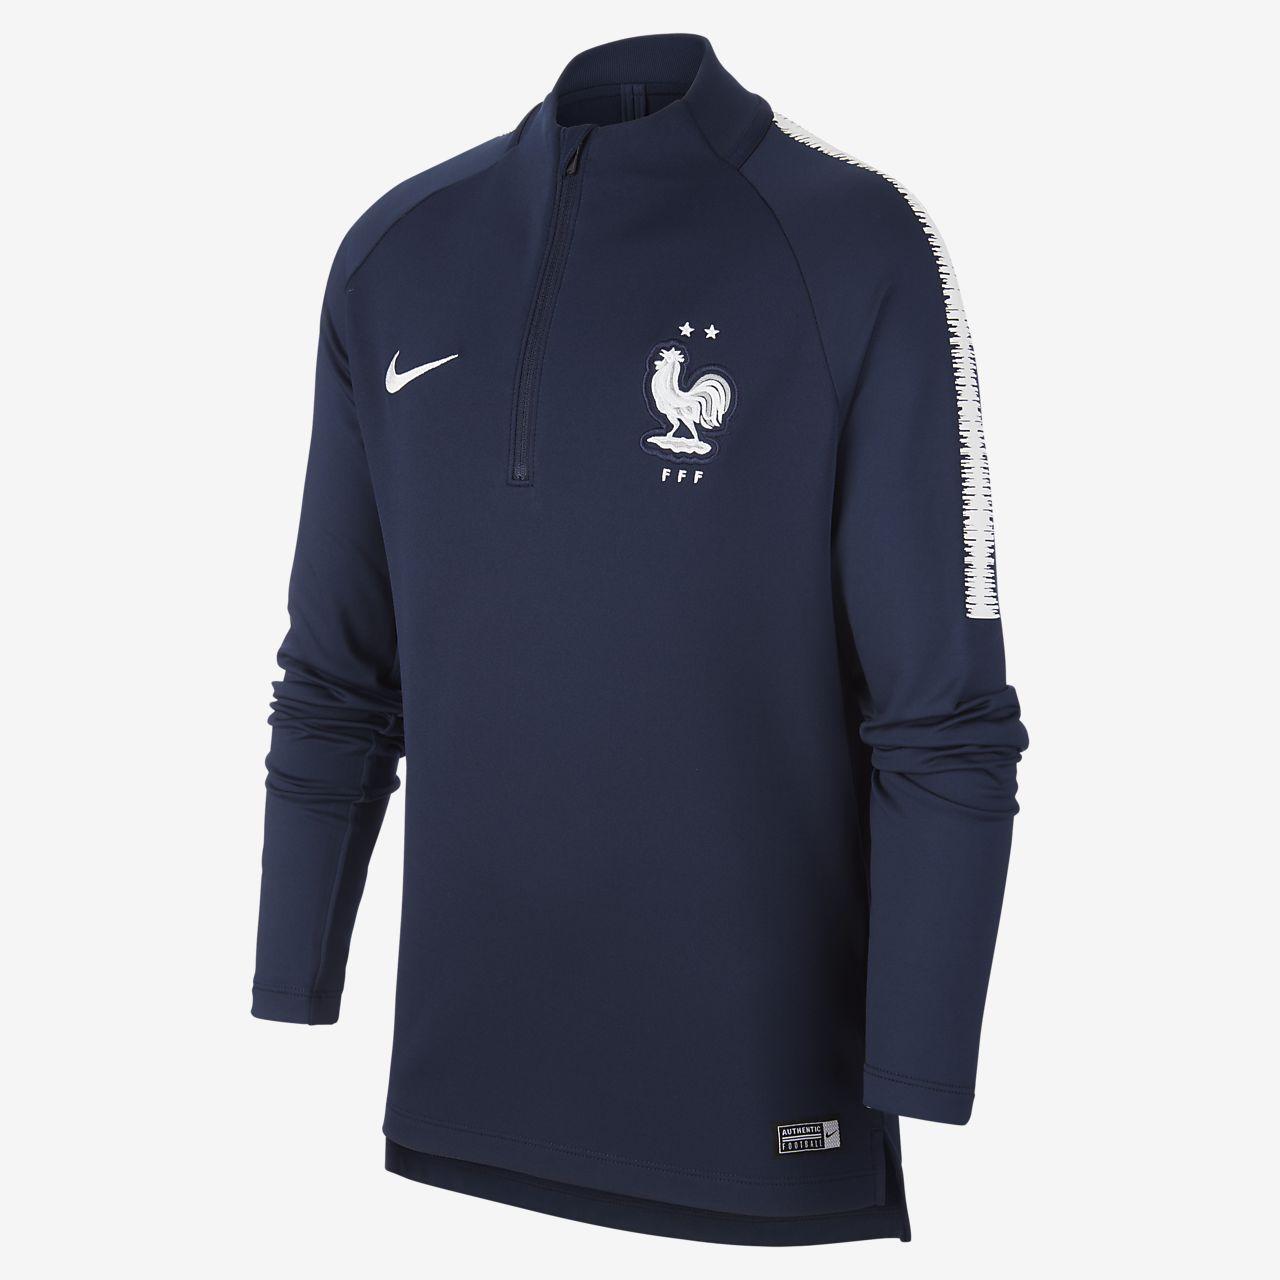 Fotbalové tričko s dlouhým rukávem FFF Dri-FIT Squad Drill pro větší děti